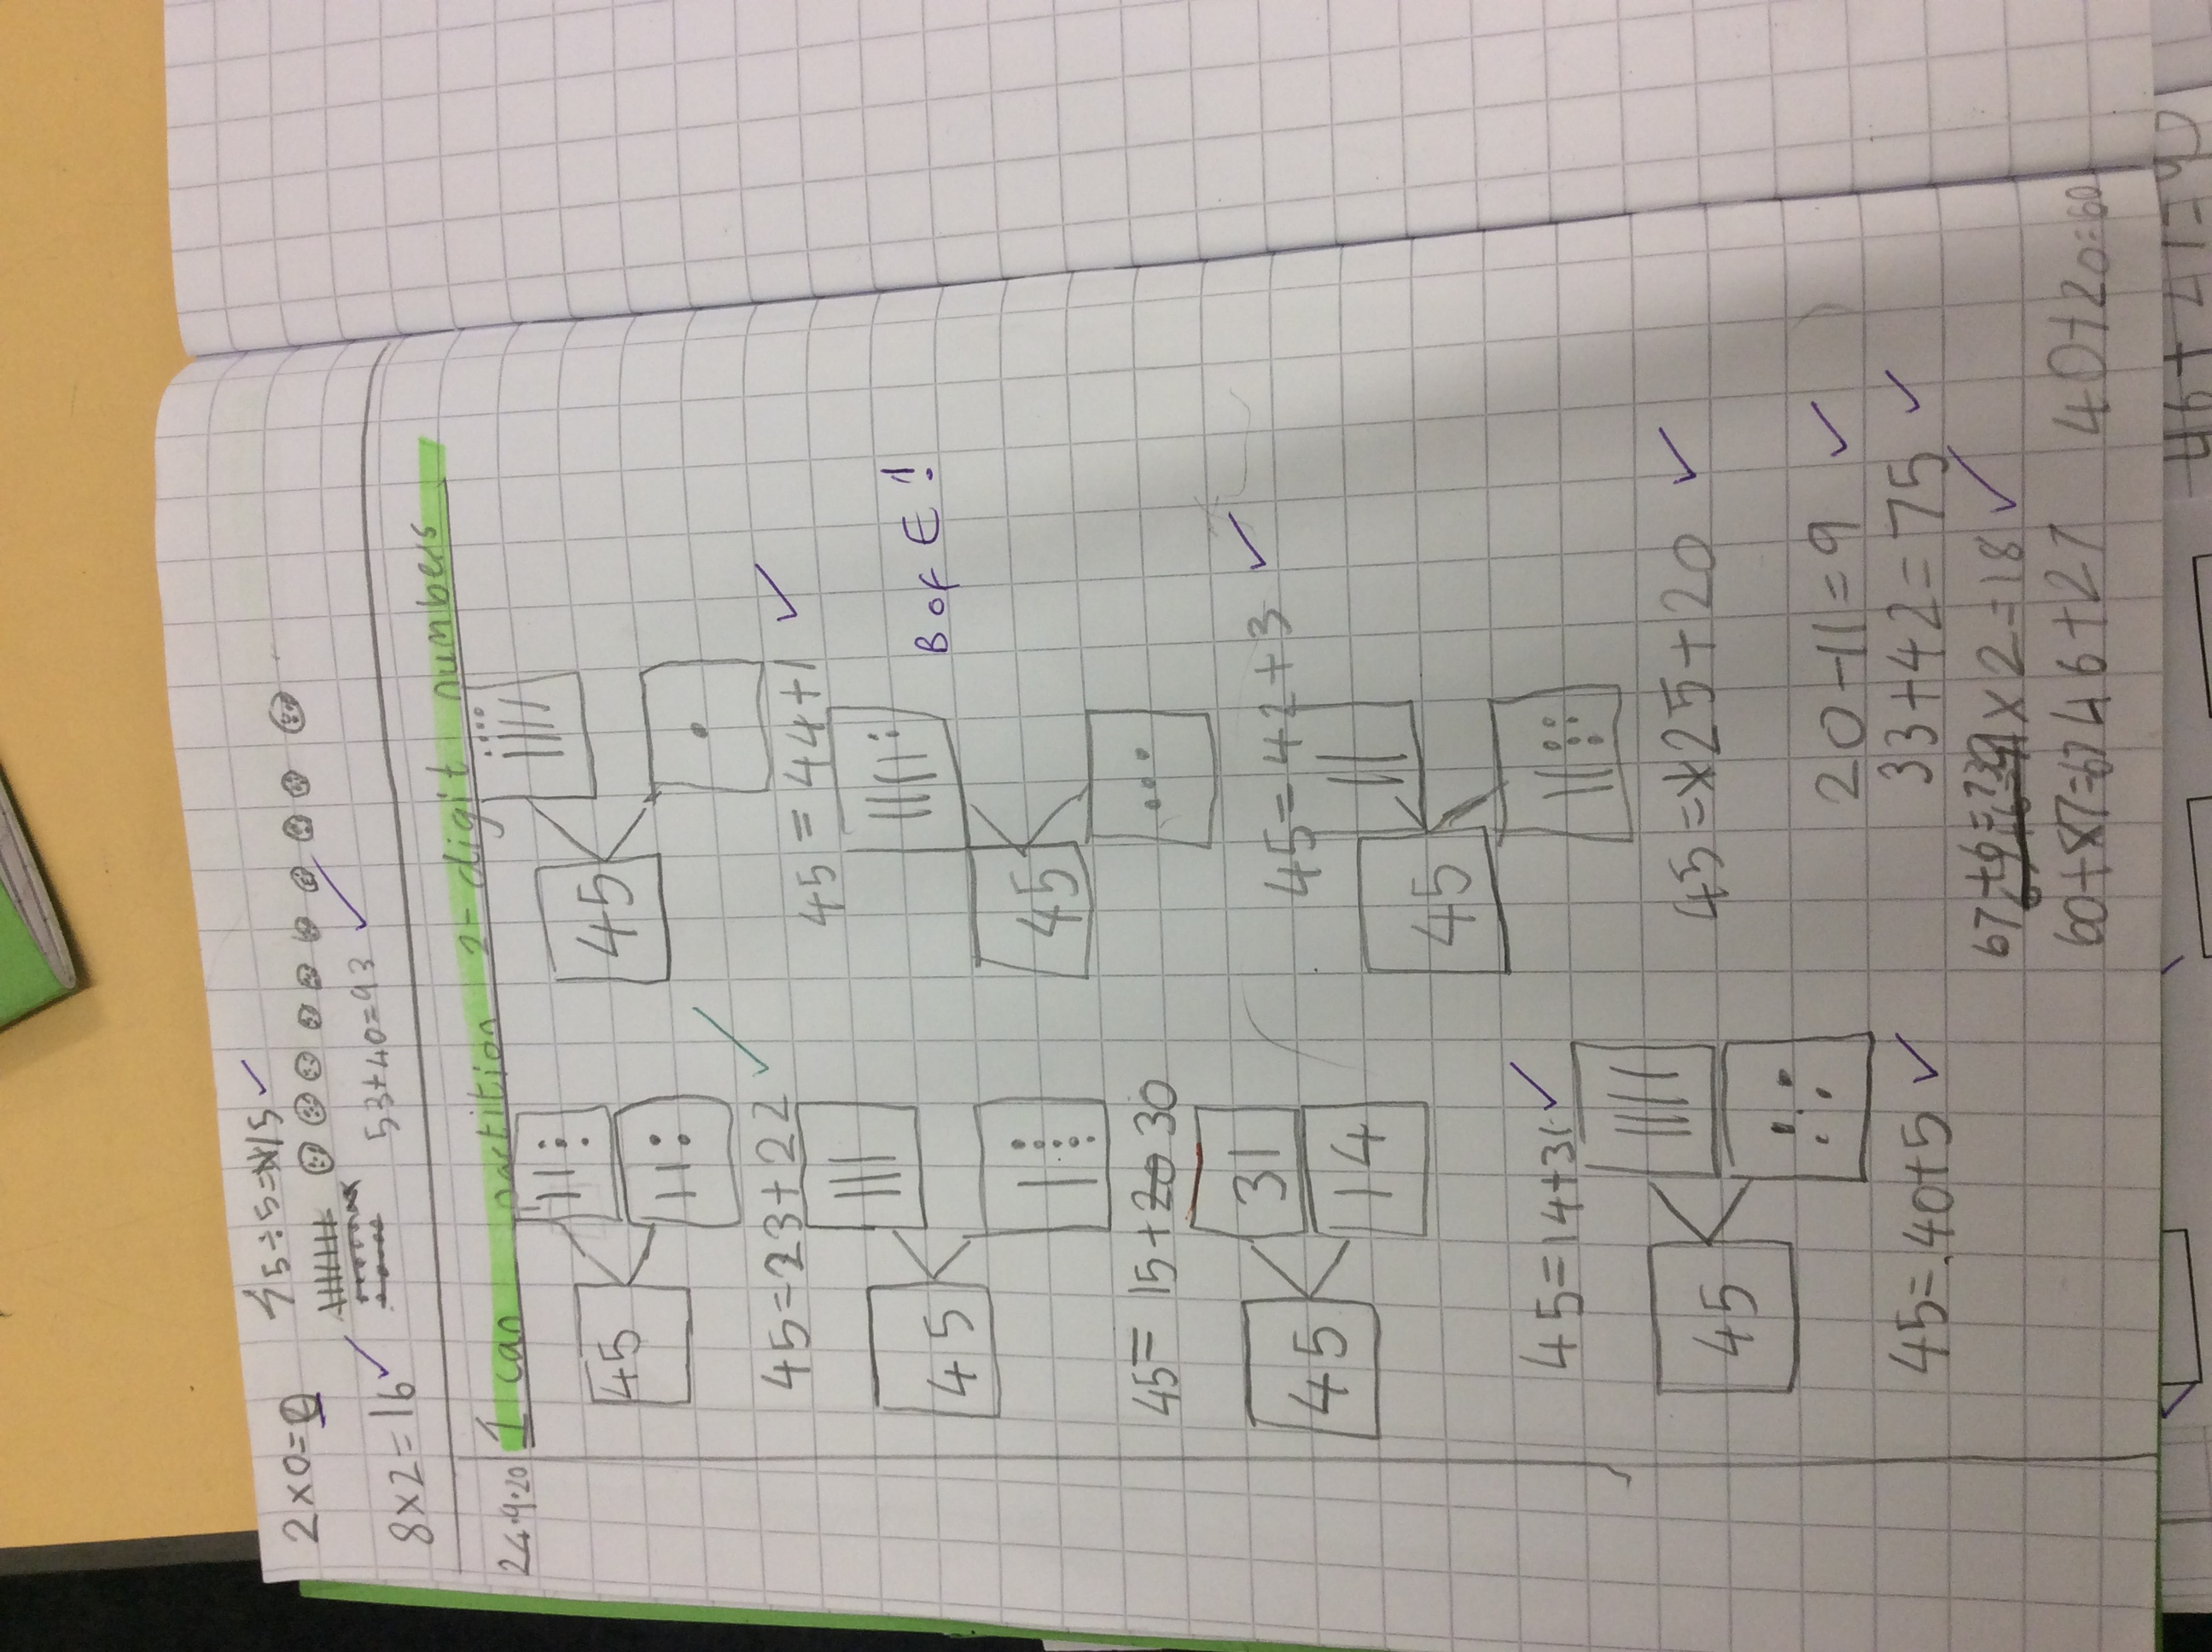 Melisa - amazing Maths!